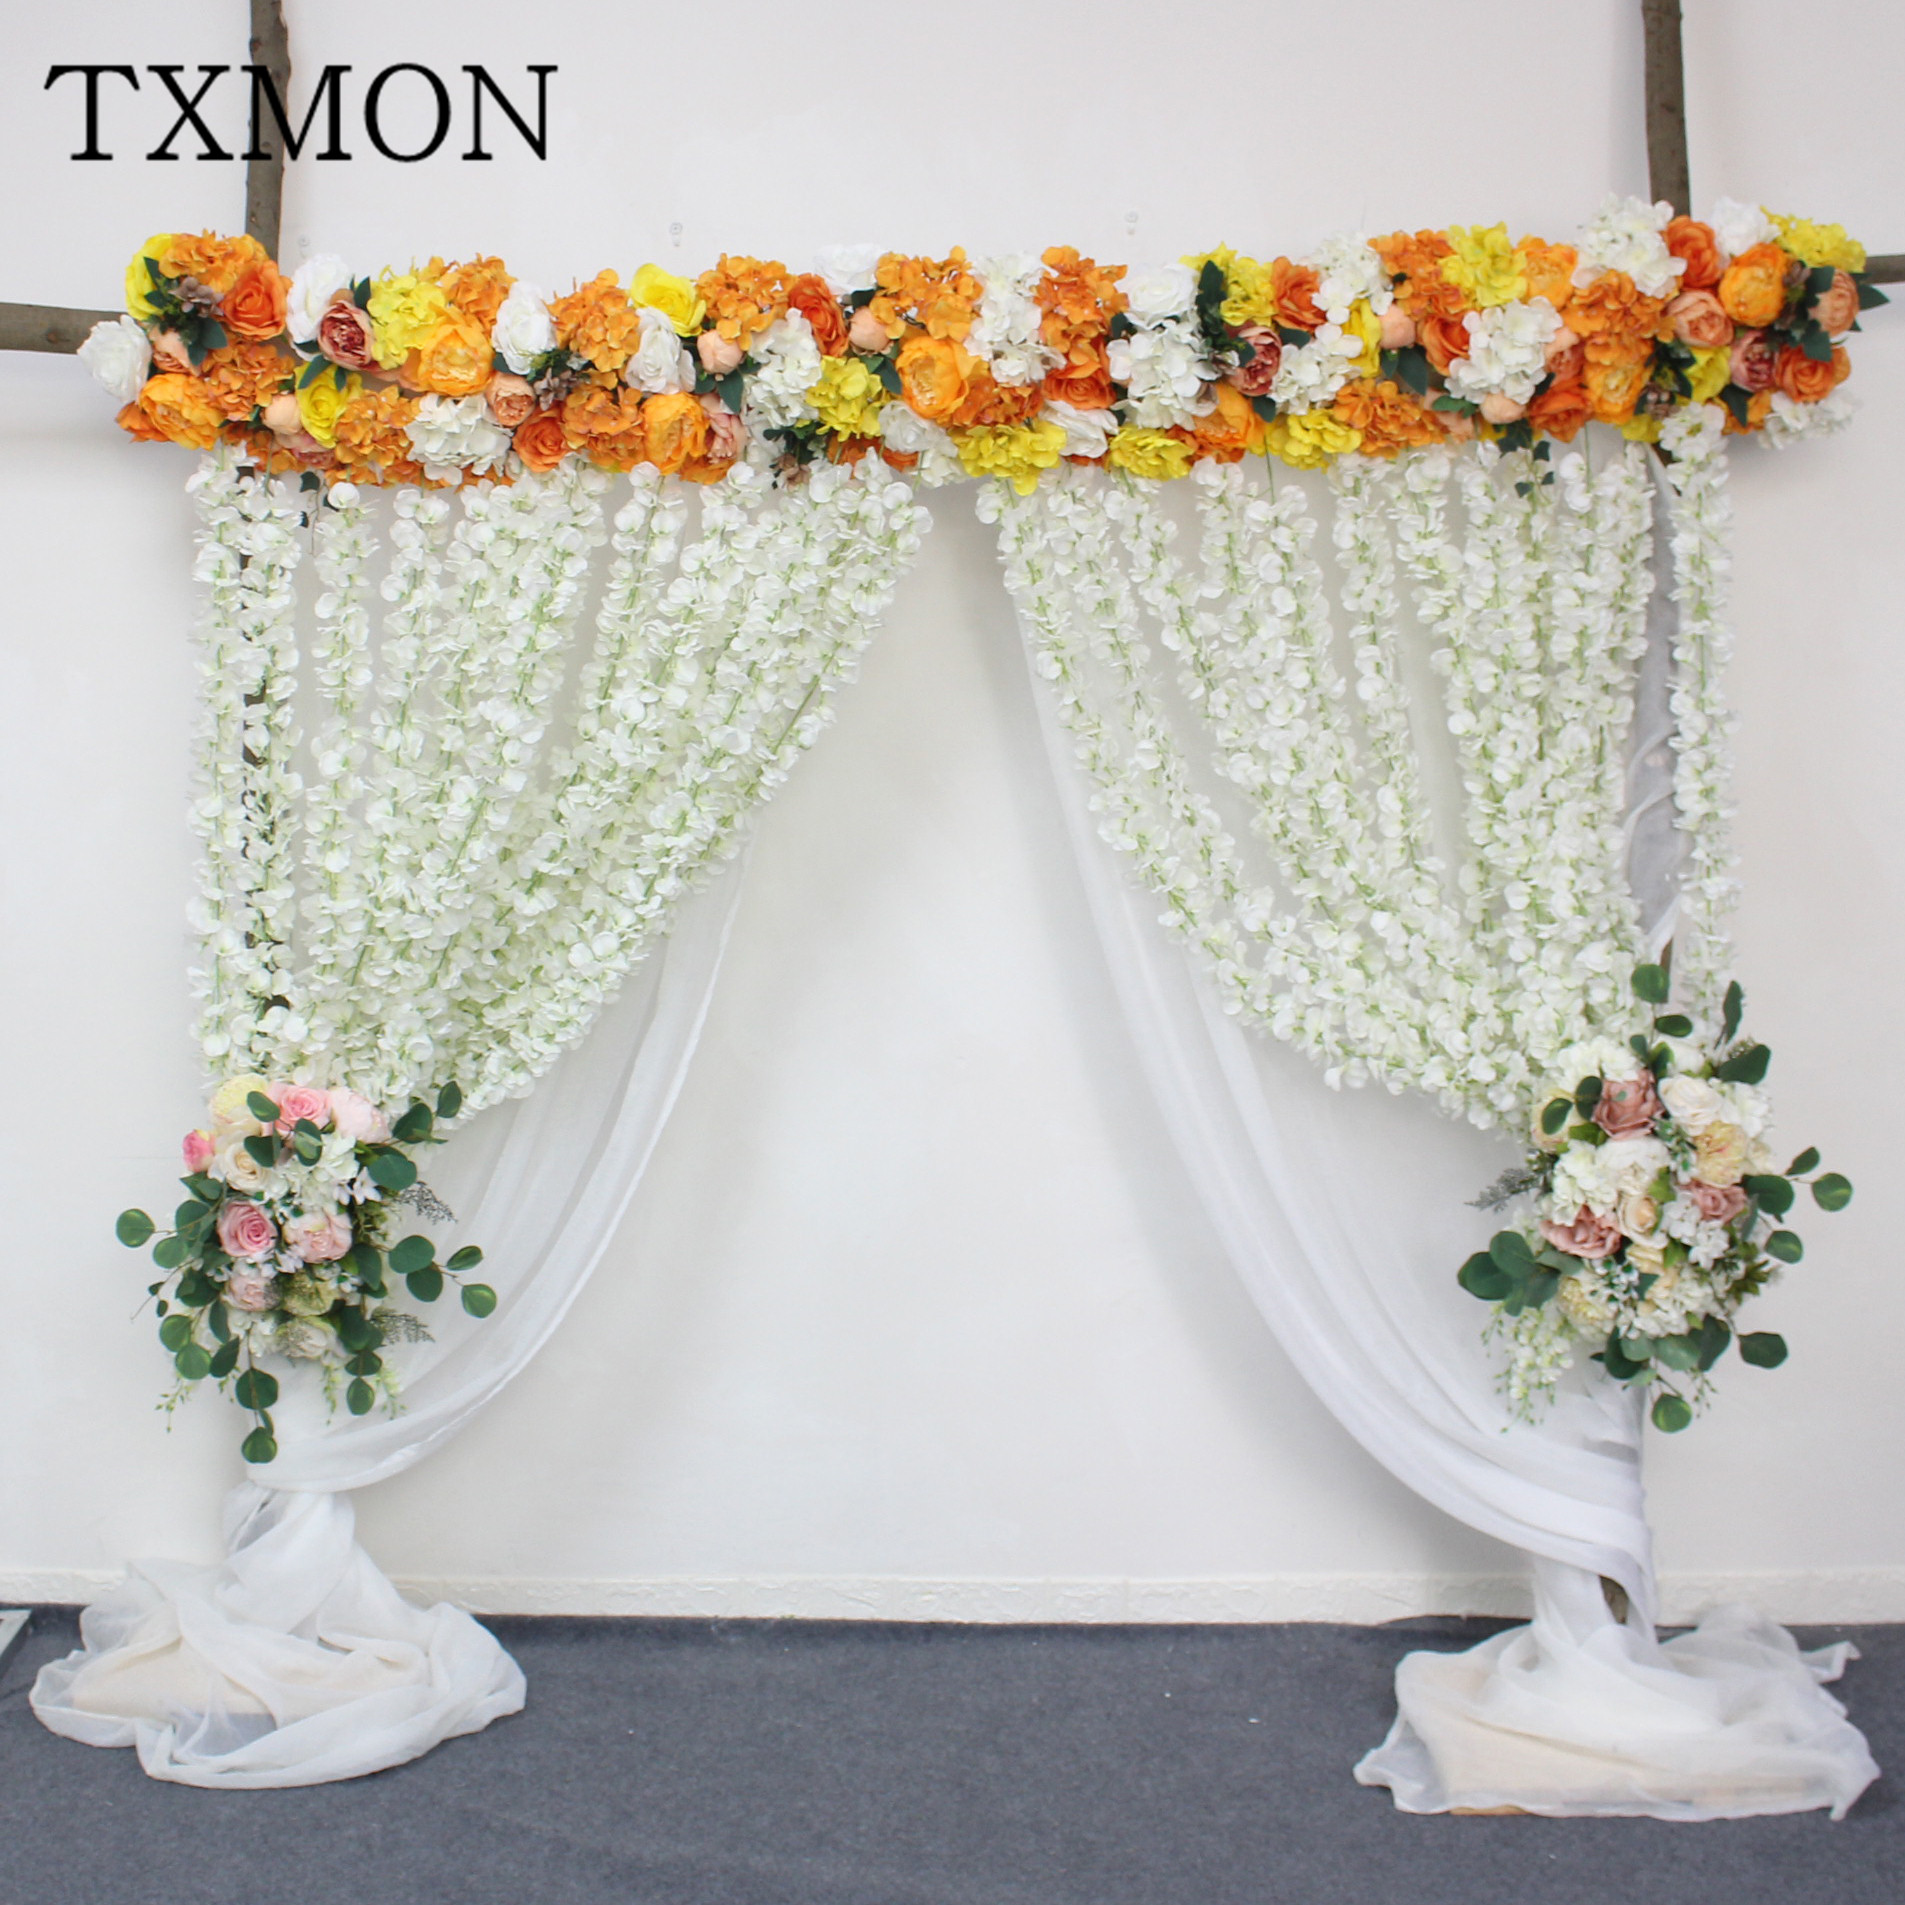 High end custom 2m bloemstuk bruiloft props rij bloem simulatie weg leiden bloemen muur boog podium decoratie geplaatst-in Kunstmatige & Gedroogde Bloemen van Huis & Tuin op  Groep 1